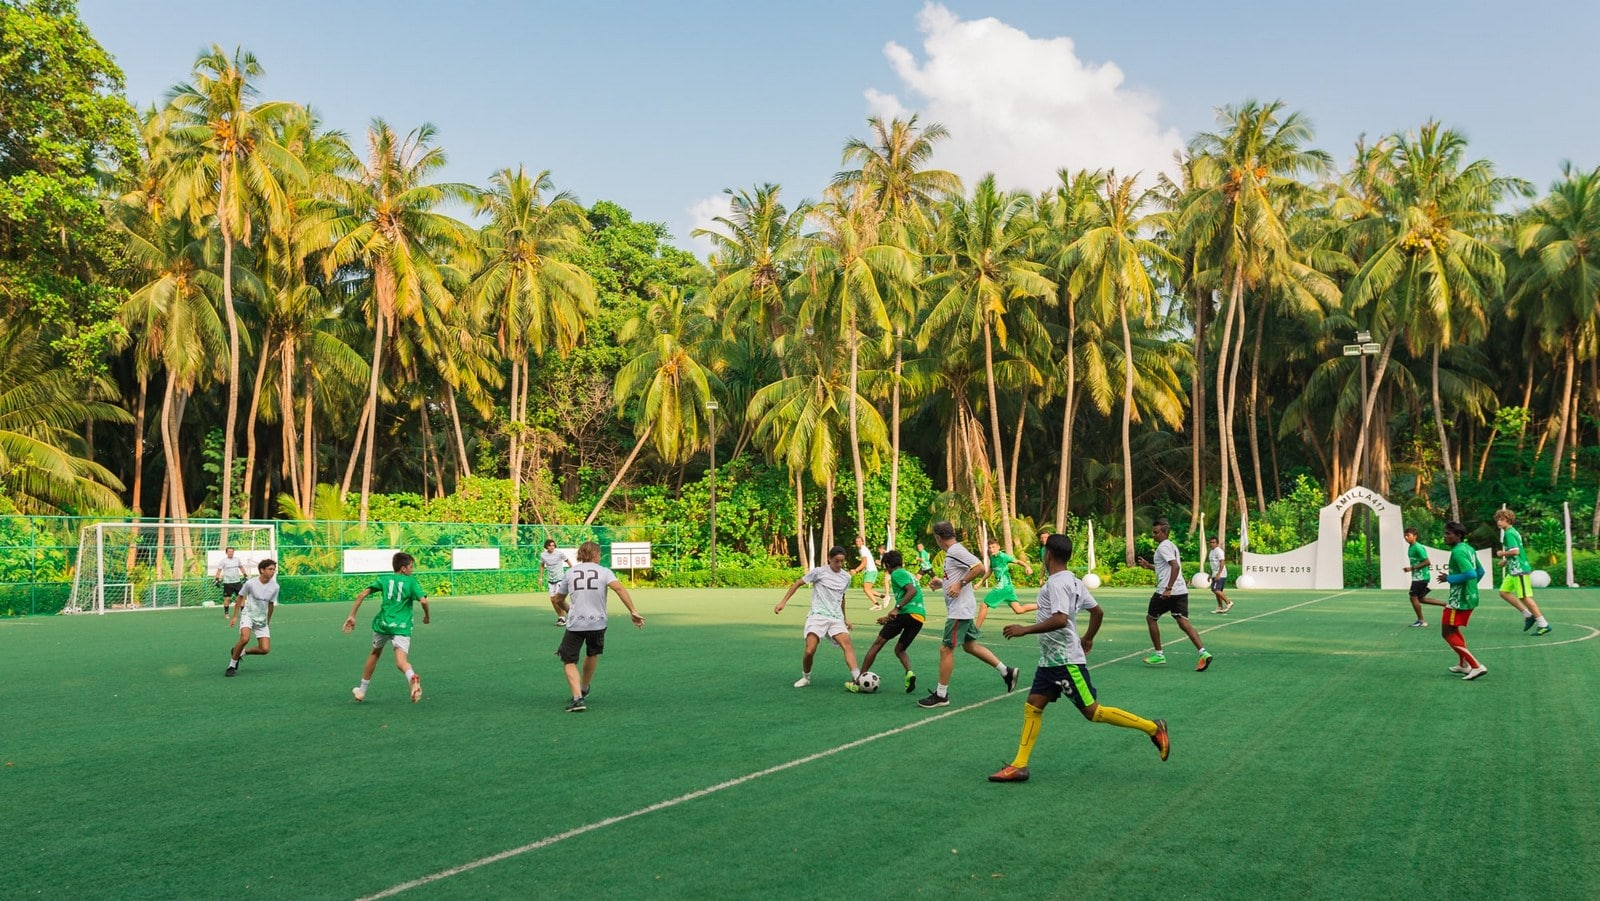 Мальдивы, отель Amilla Fushi Maldives, стадион